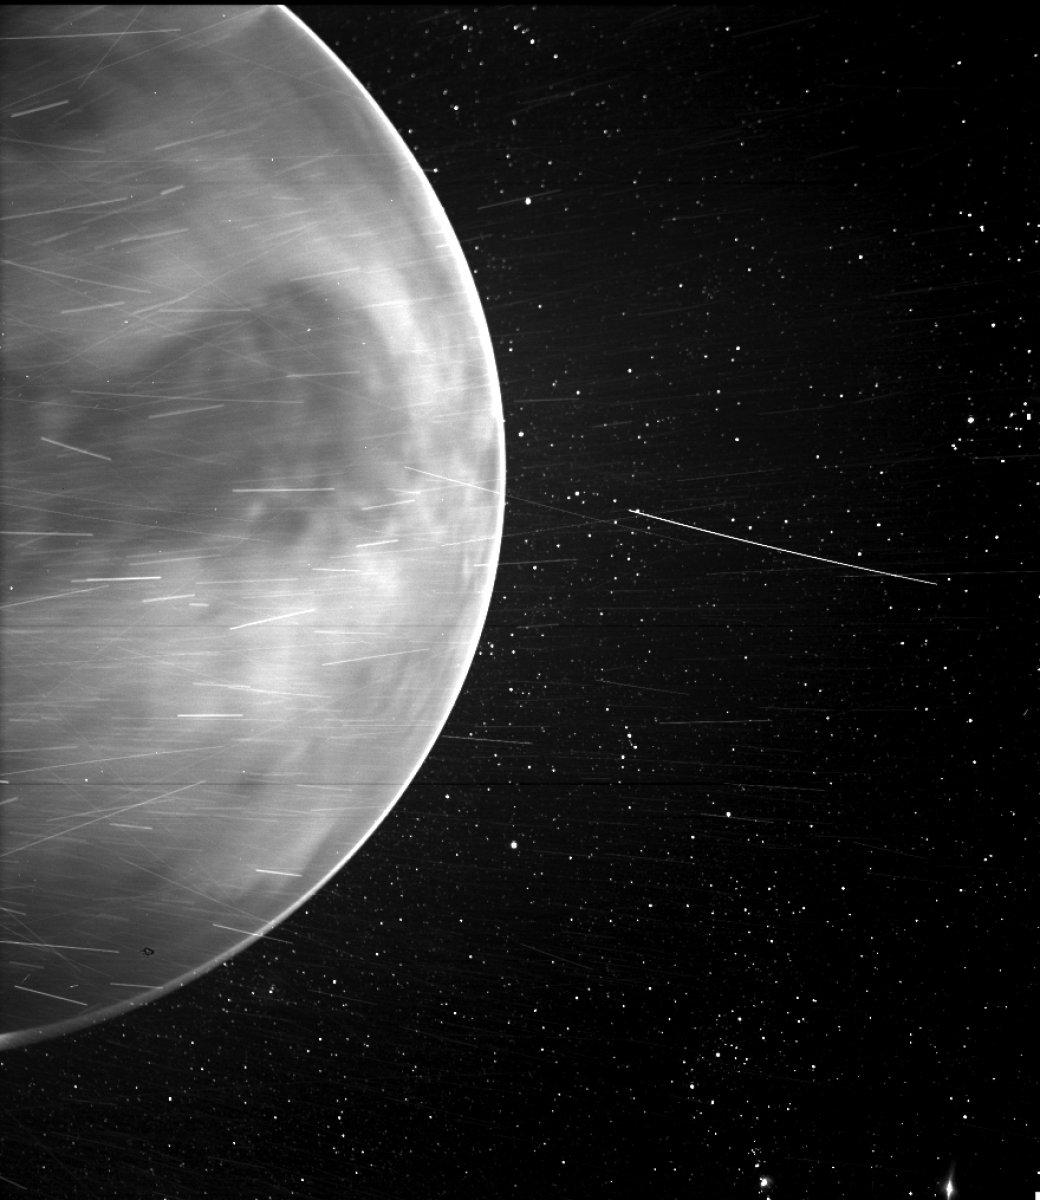 Parker Güneş Sondası, Venüs ü fotoğrafladı #1